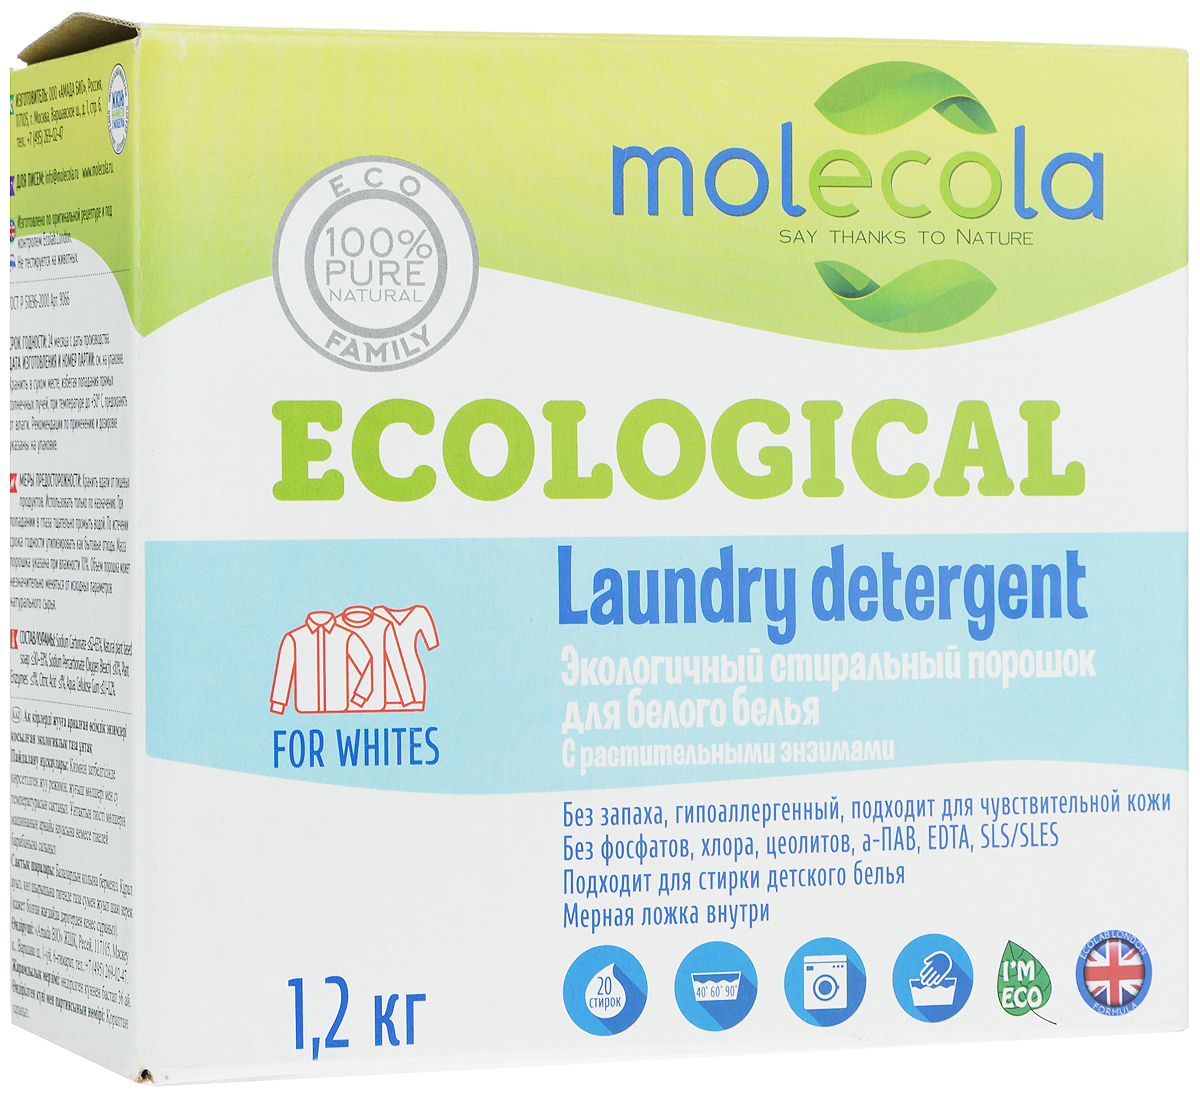 Стиральный порошок Molecola, для белого белья, с растительными энзимами, 1,2 кг9066Экологичный стиральный порошок Molecola эффективно удаляет загрязнения, не повреждая волокна ткани. Высокая концентрация натурального мыла обеспечивает эффективную стирку и экономию средства. Порошок рекомендован для стирки детского белья и одежды беременных и кормящих женщин, а так же людей, имеющих аллергическую реакцию на средства бытовой химии. Средство защищает от накипи, не наносит вреда окружающей среде, полностью биоразлагаемо. Не содержит оптического отбеливателя, фосфатов, хлора, цеолитов, а-ПАВ, EDTA, SLS/SLES, искусственных красителей и синтетических ароматизаторов. Подходит для стиральных машин любого типа и ручной стирки. Предназначен для стирки хлопчатобумажных, льняных тканей, изделий из вискозы и искусственных волокон. Рекомендуемая температура стирки не менее +40°С.Внутри коробки находится мерная ложка.Состав: Sodium Carbonate =Товар сертифицирован.Уважаемые клиенты! Обращаем ваше внимание на возможные изменения в дизайне упаковки. Качественные характеристики товара остаются неизменными. Поставка осуществляется в зависимости от наличия на складе.